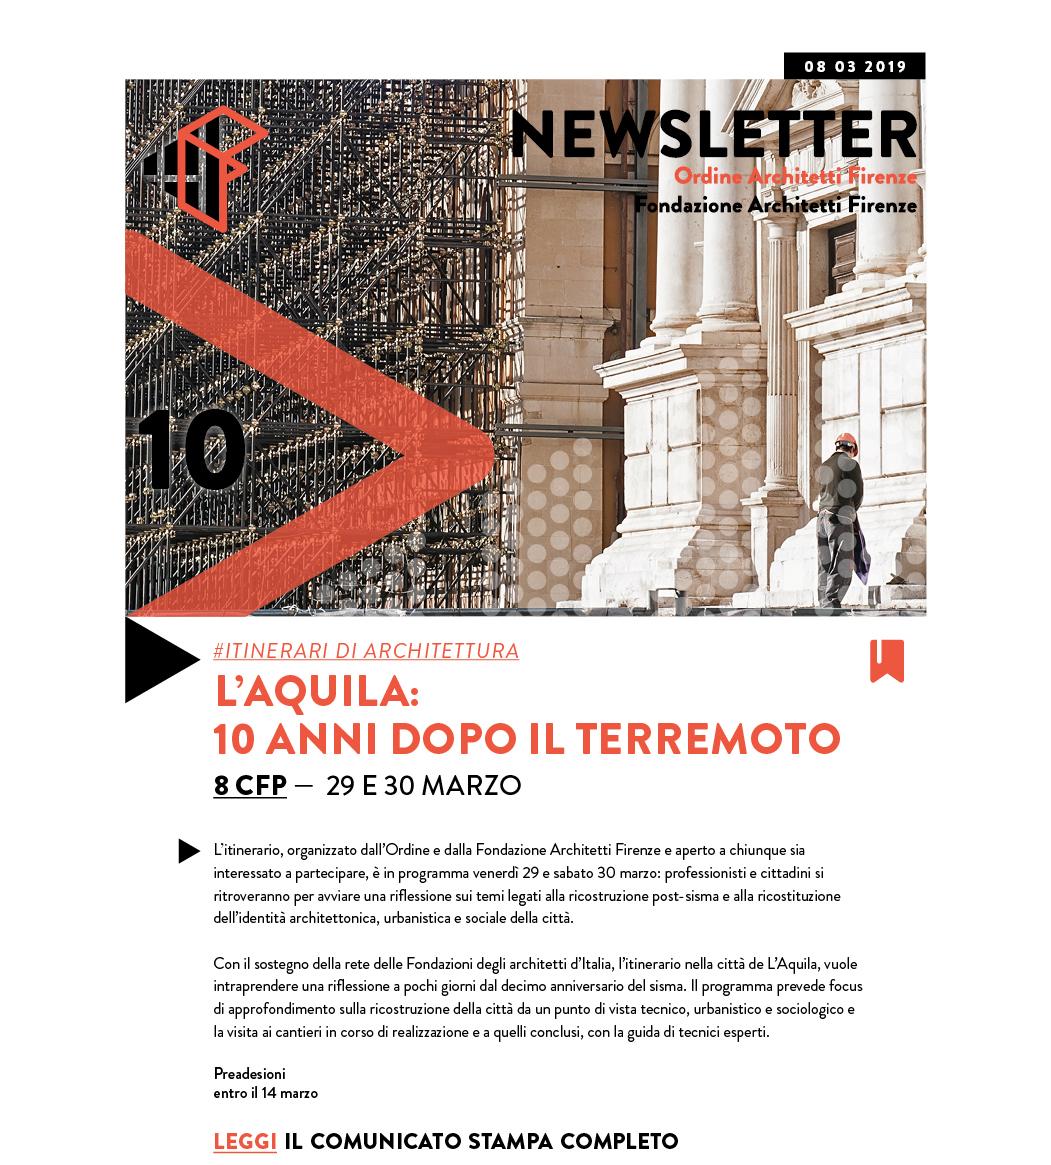 #itinerari di architettura L'AQUILA: 10 ANNI DOPO IL TERREMOTO 8 CFP — 29 e 30 marzo